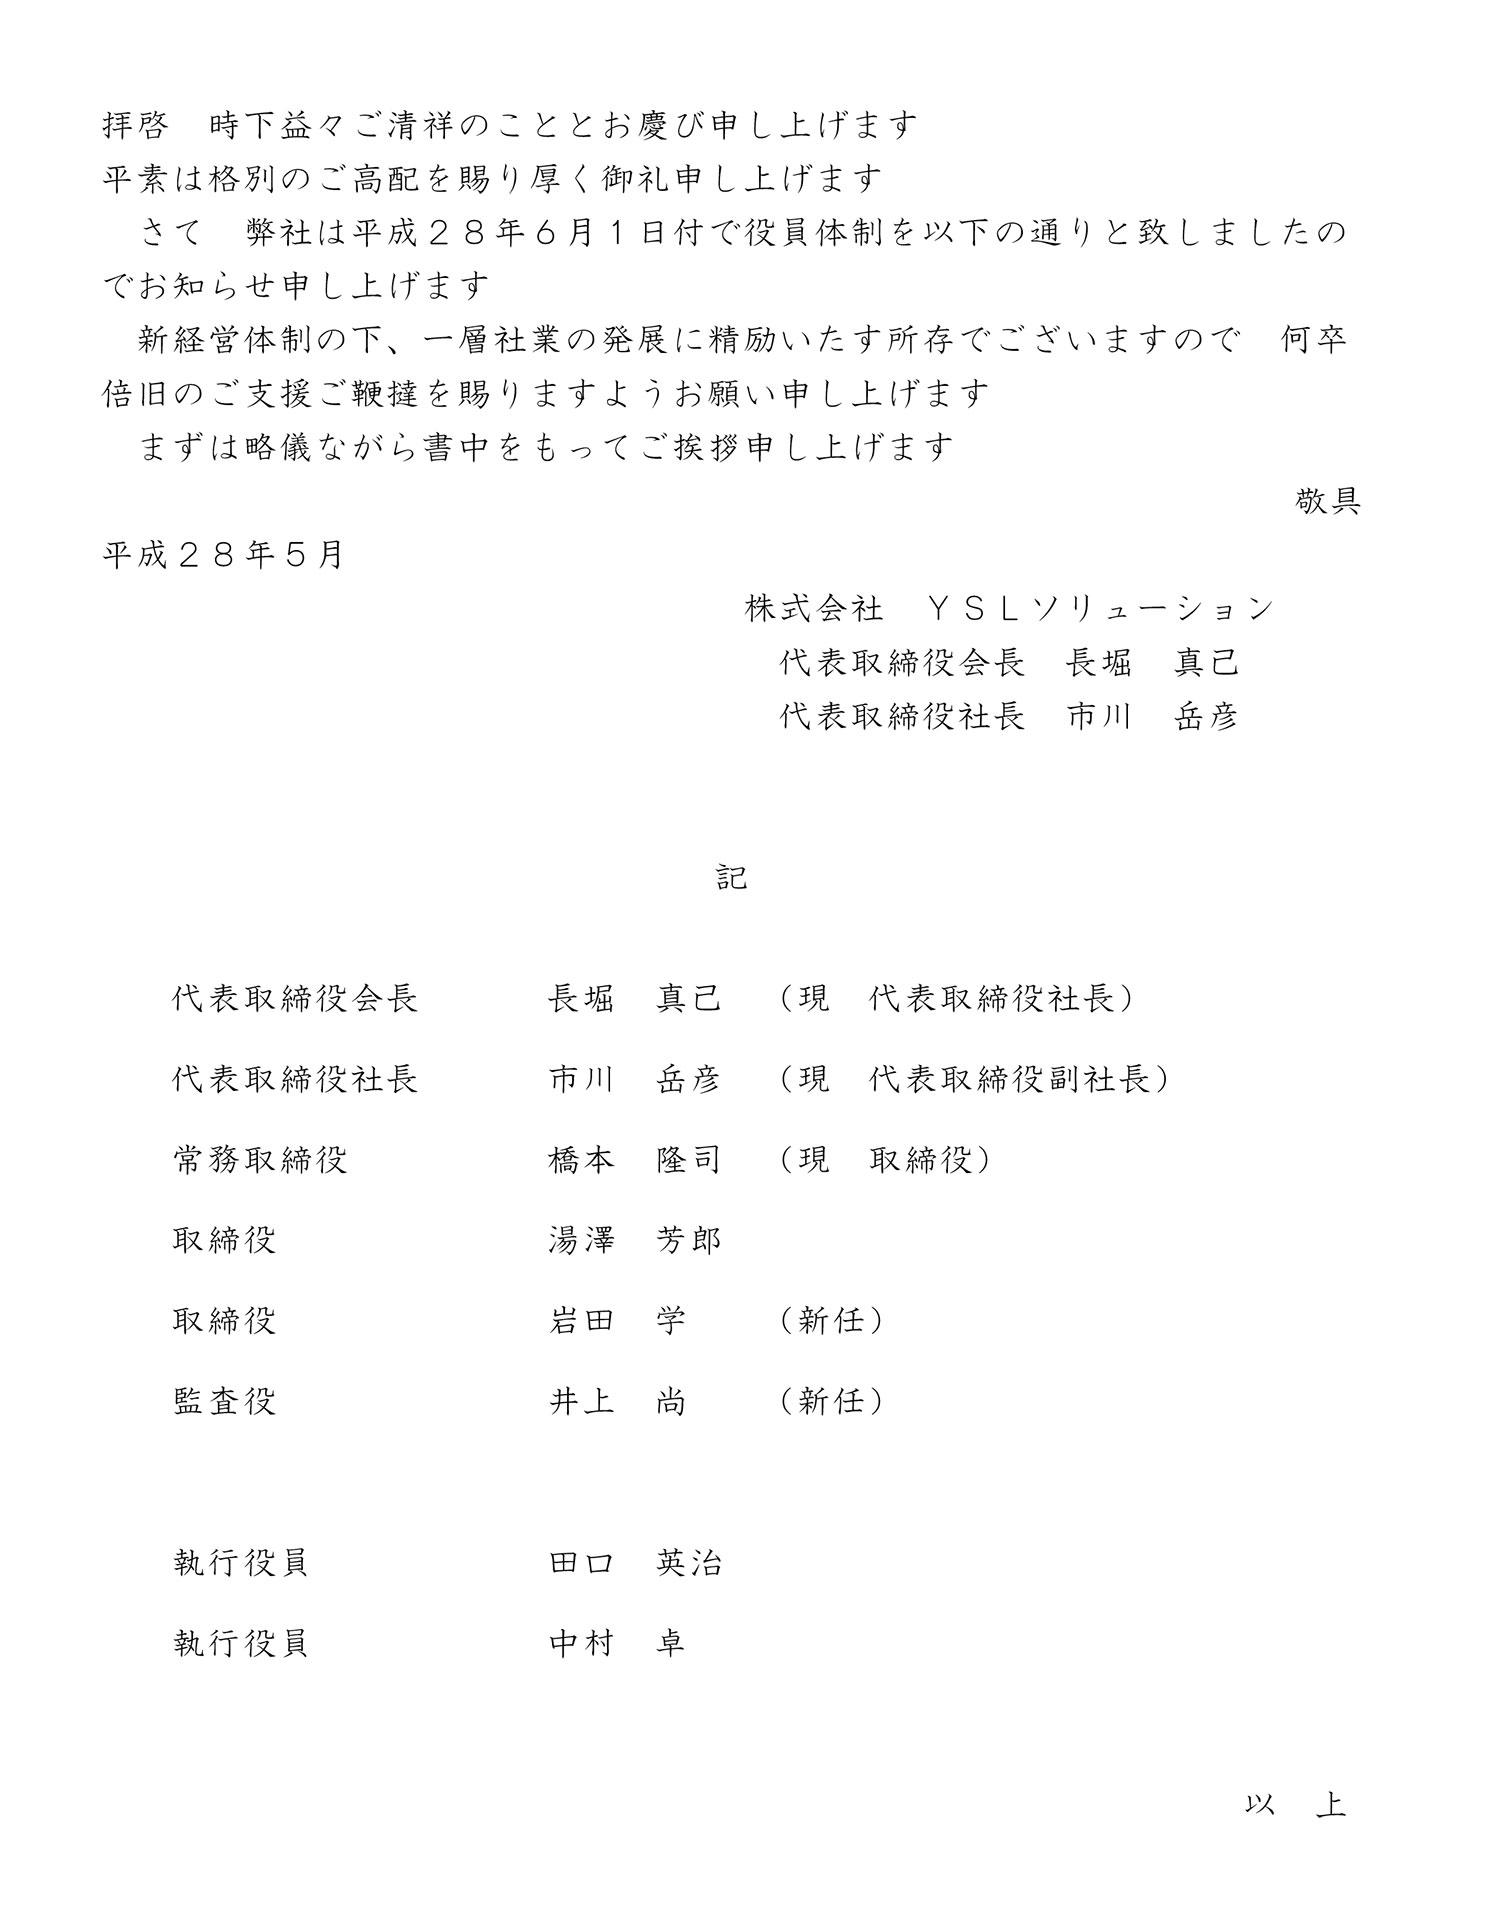 yakuin_henkou_YSL201605